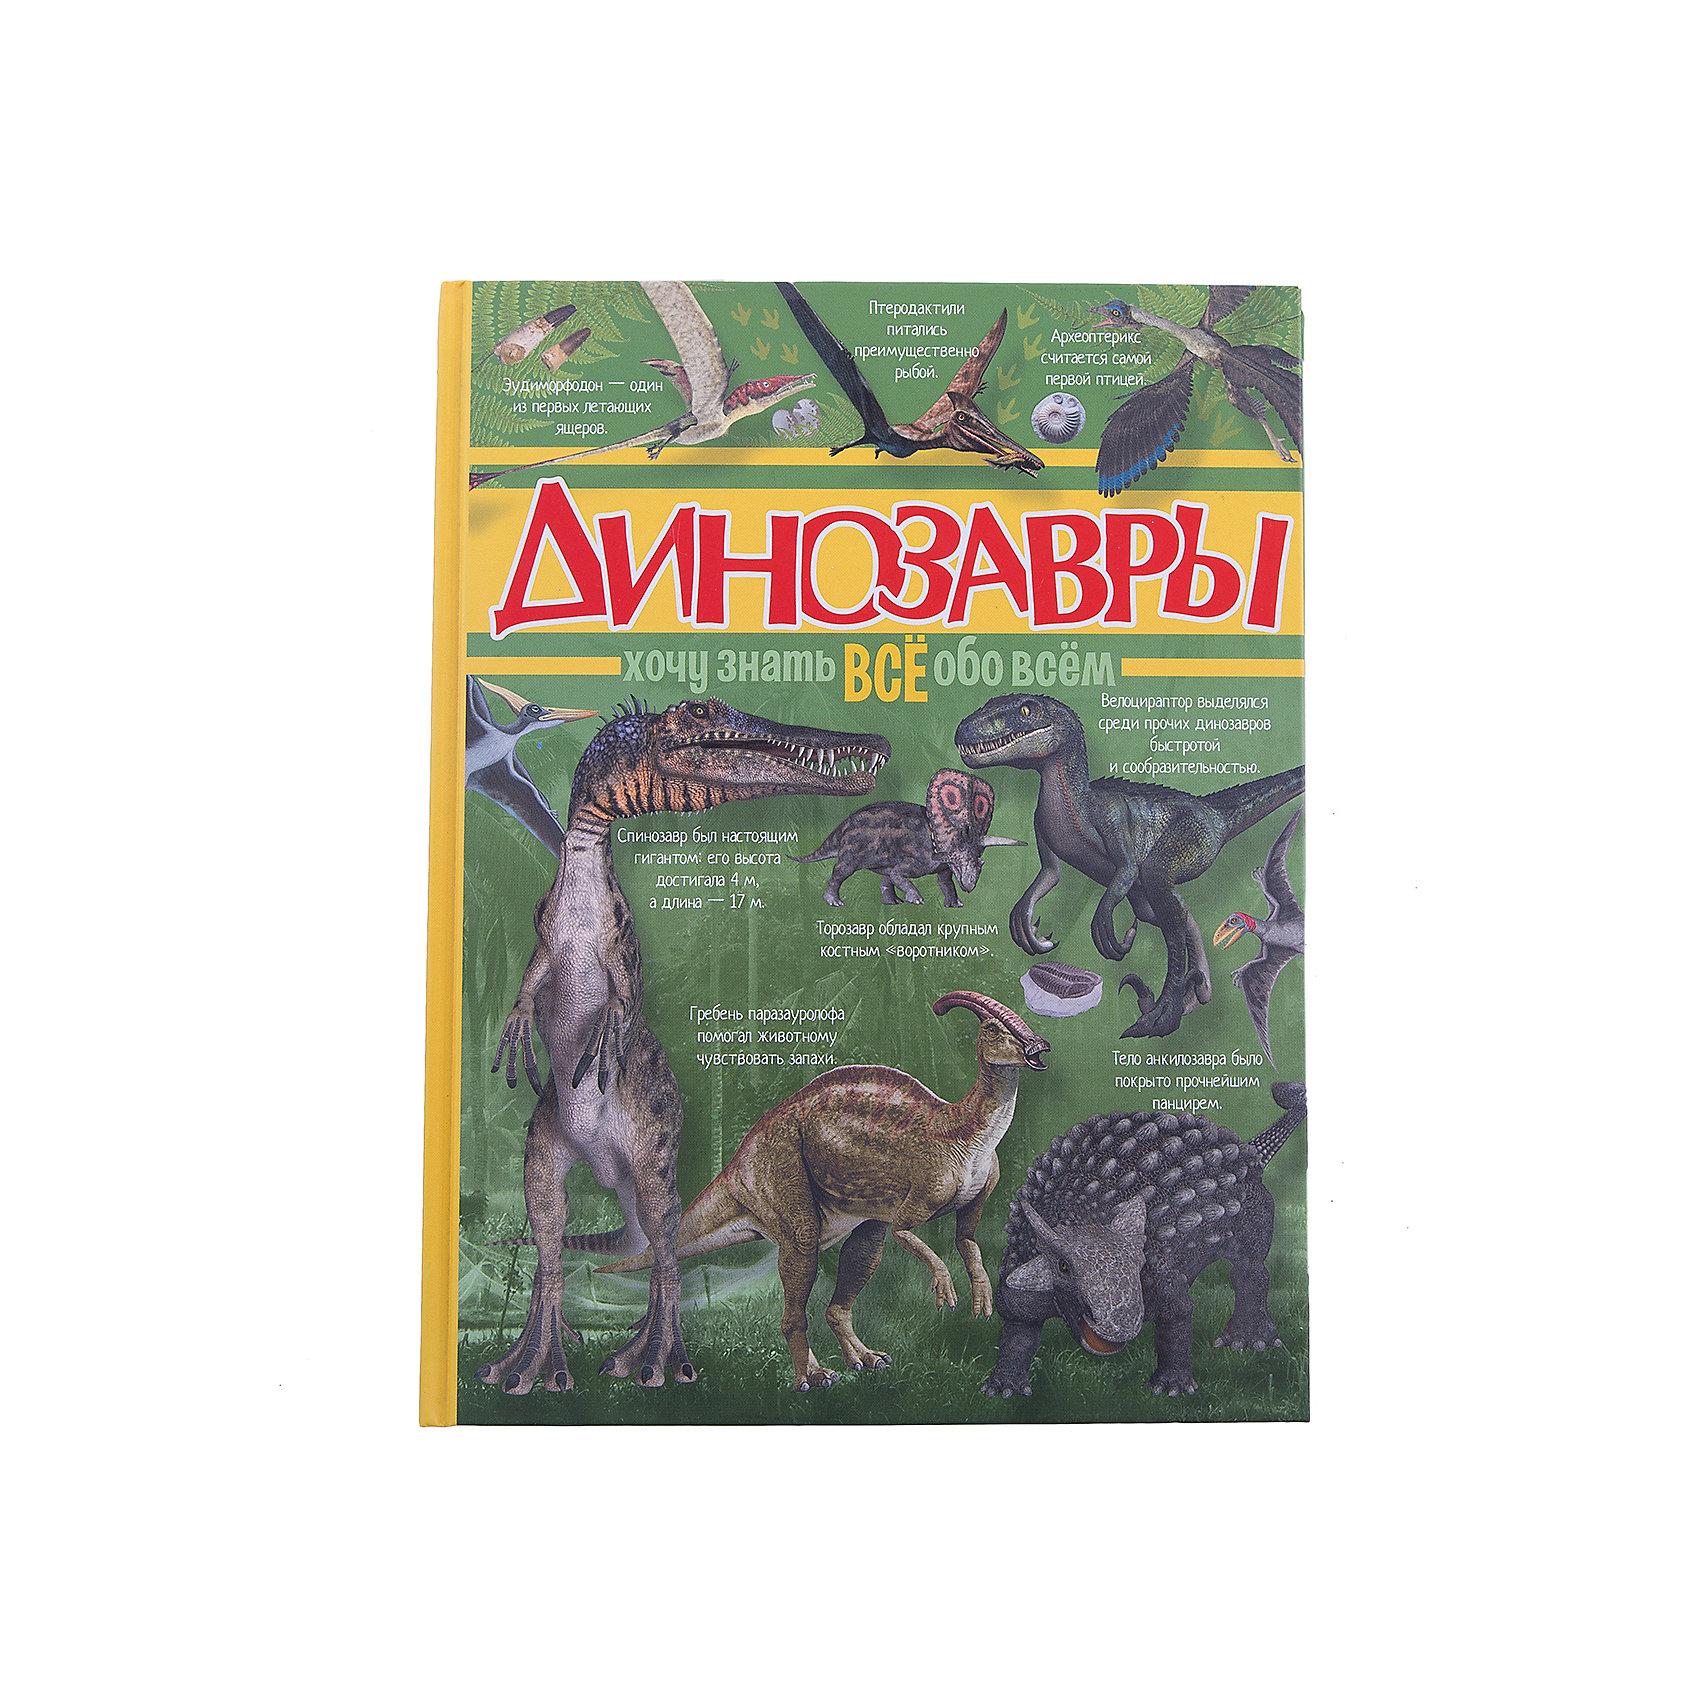 Энциклопедия ДинозаврыЭнциклопедии про динозавров<br>Вообрази, много лет назад по нашей планете ходили необычные животные — сегодня таких не увидишь, которые назывались динозаврами. Потом что-то вдруг произошло, и они вымерли. Эта книга в доступной форме поделится с тобой открытиями и гипотезами относительно образа жизни и исчезновения динозавров. Здесь представлены различные виды этих древних ящеров: наземных, водоплавающих и даже летающих. Уверены, что именно с нашей книгой ты узнаешь всё самое интересное о мире динозавров, ведь на страницах издания много наглядных иллюстраций, часто с подробными пояснениями.<br>Хочешь быстро узнавать всё обо всём? Тогда не мешкай: скорее усаживайся за чтение, чтобы получить не только новые знания, но и огромное удовольствие от увлекательного путешествия в давно исчезнувший мир динозавров.<br><br>Ширина мм: 255<br>Глубина мм: 197<br>Высота мм: 160<br>Вес г: 591<br>Возраст от месяцев: 84<br>Возраст до месяцев: 2147483647<br>Пол: Унисекс<br>Возраст: Детский<br>SKU: 6848357